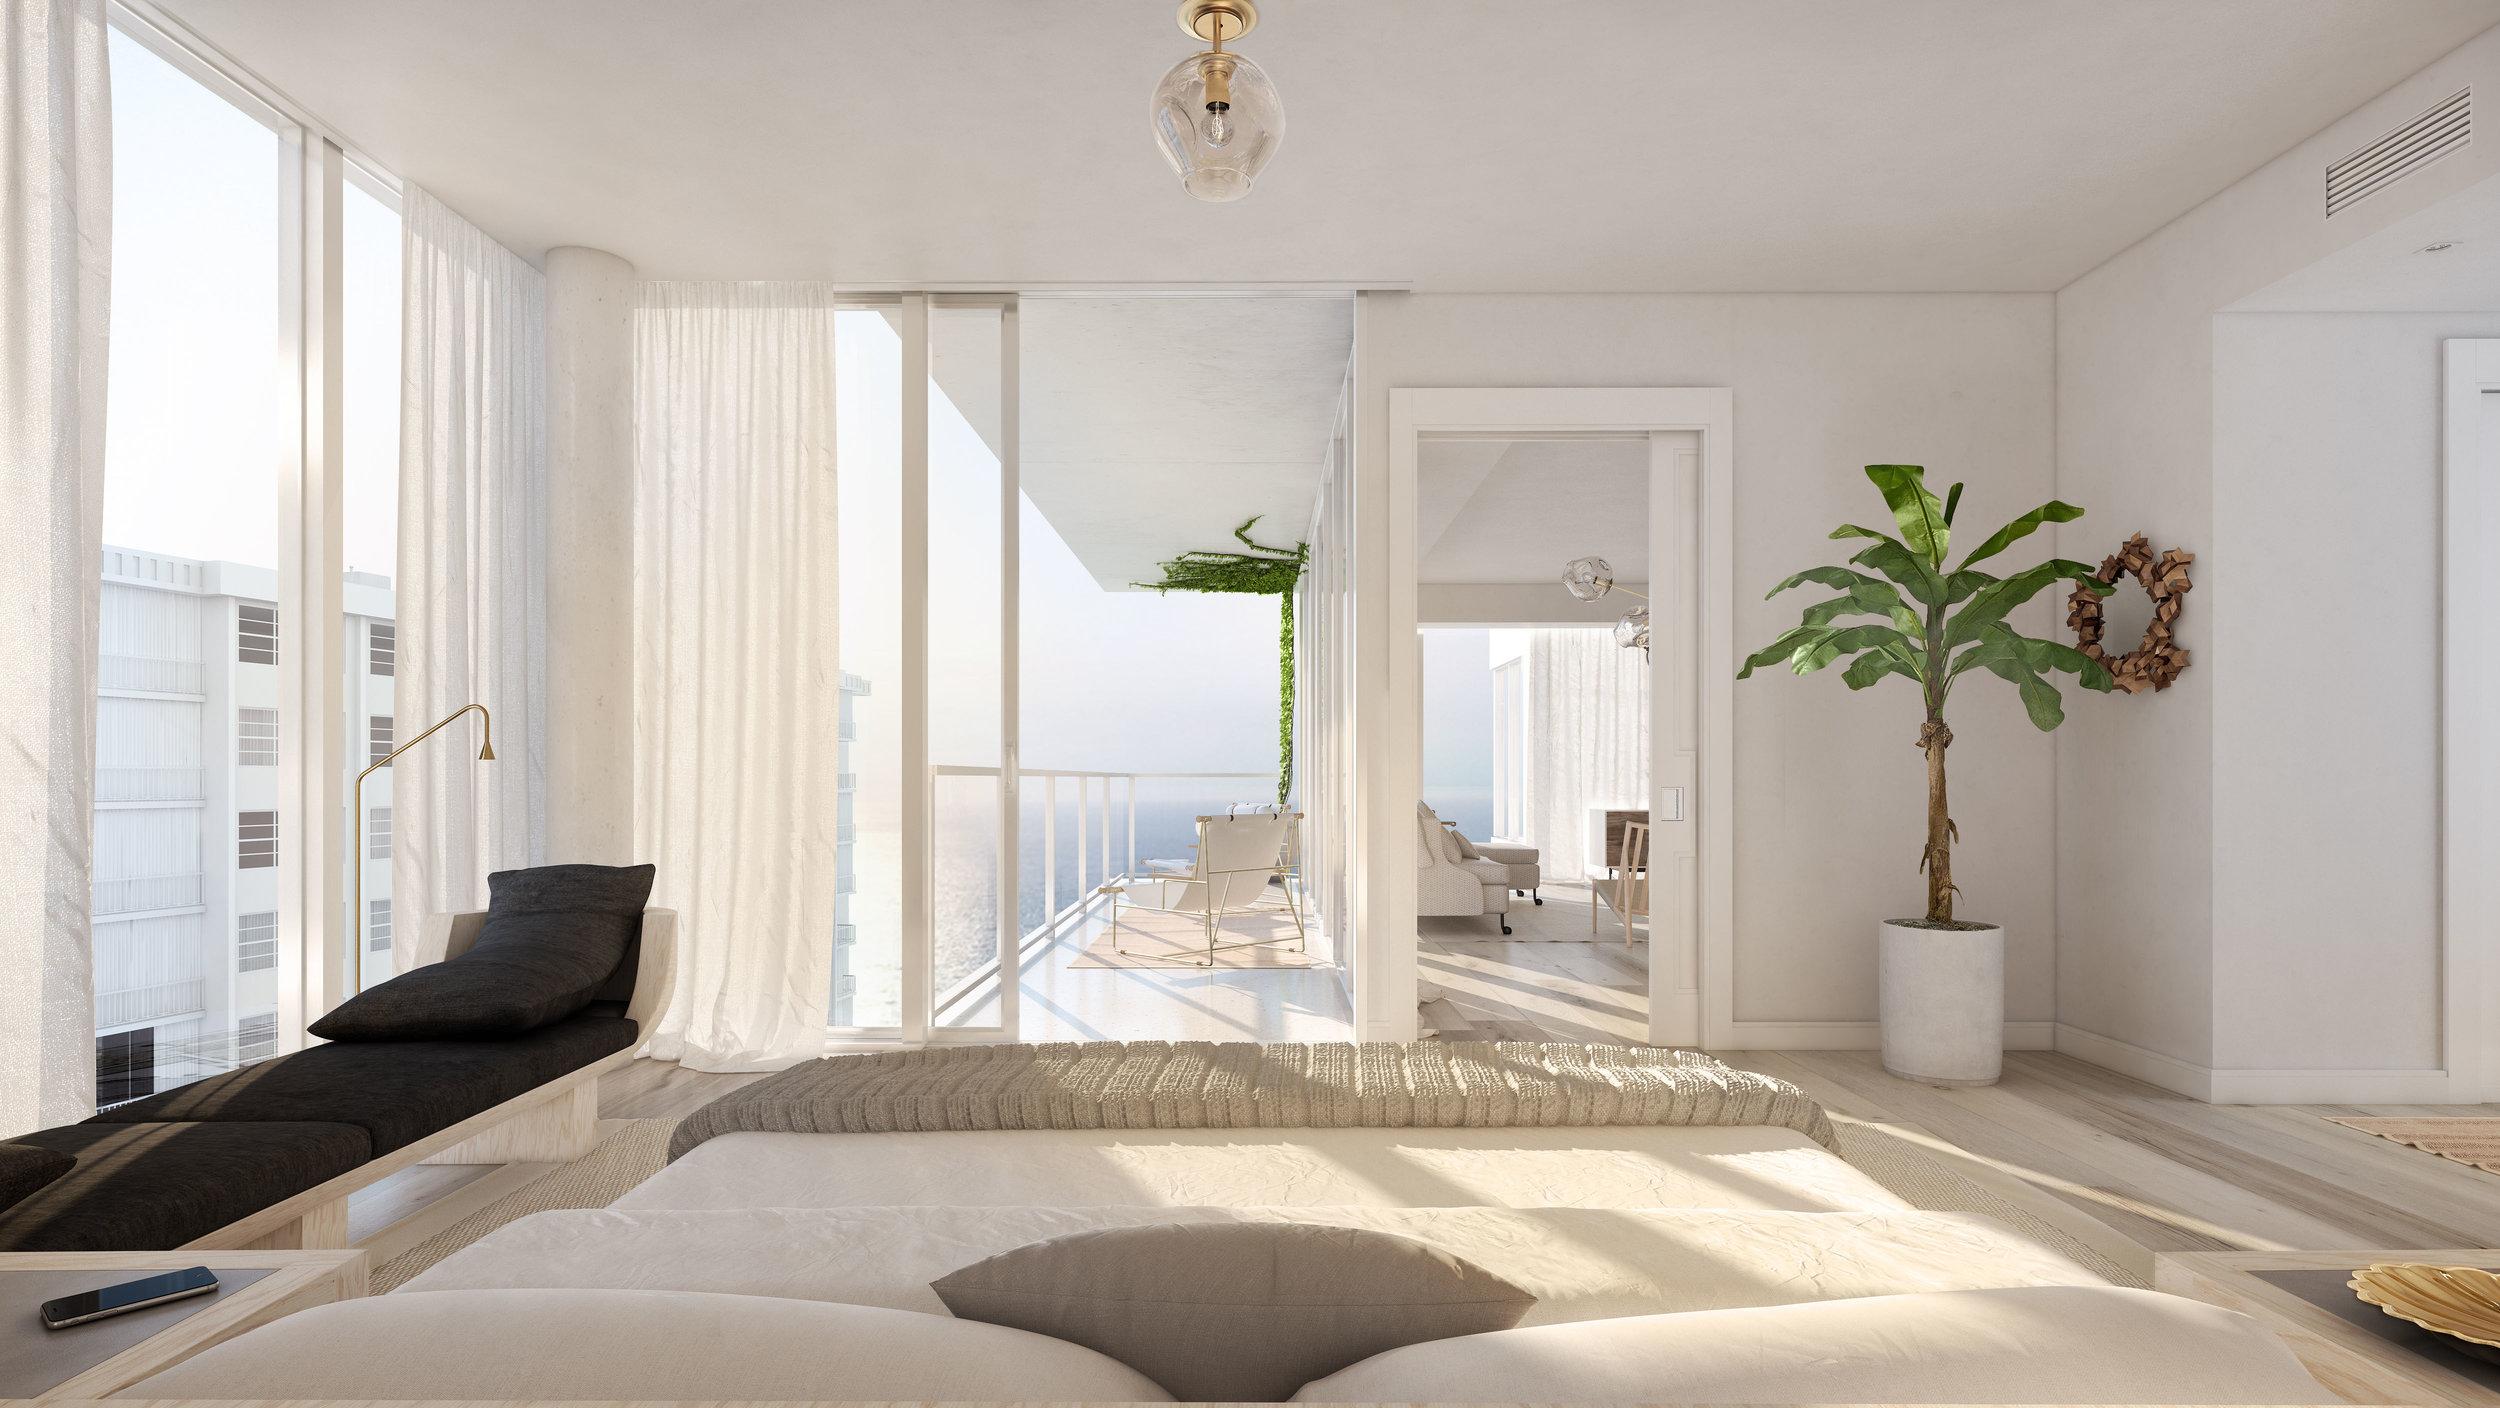 3550_Residence C Master Bedroom.jpg